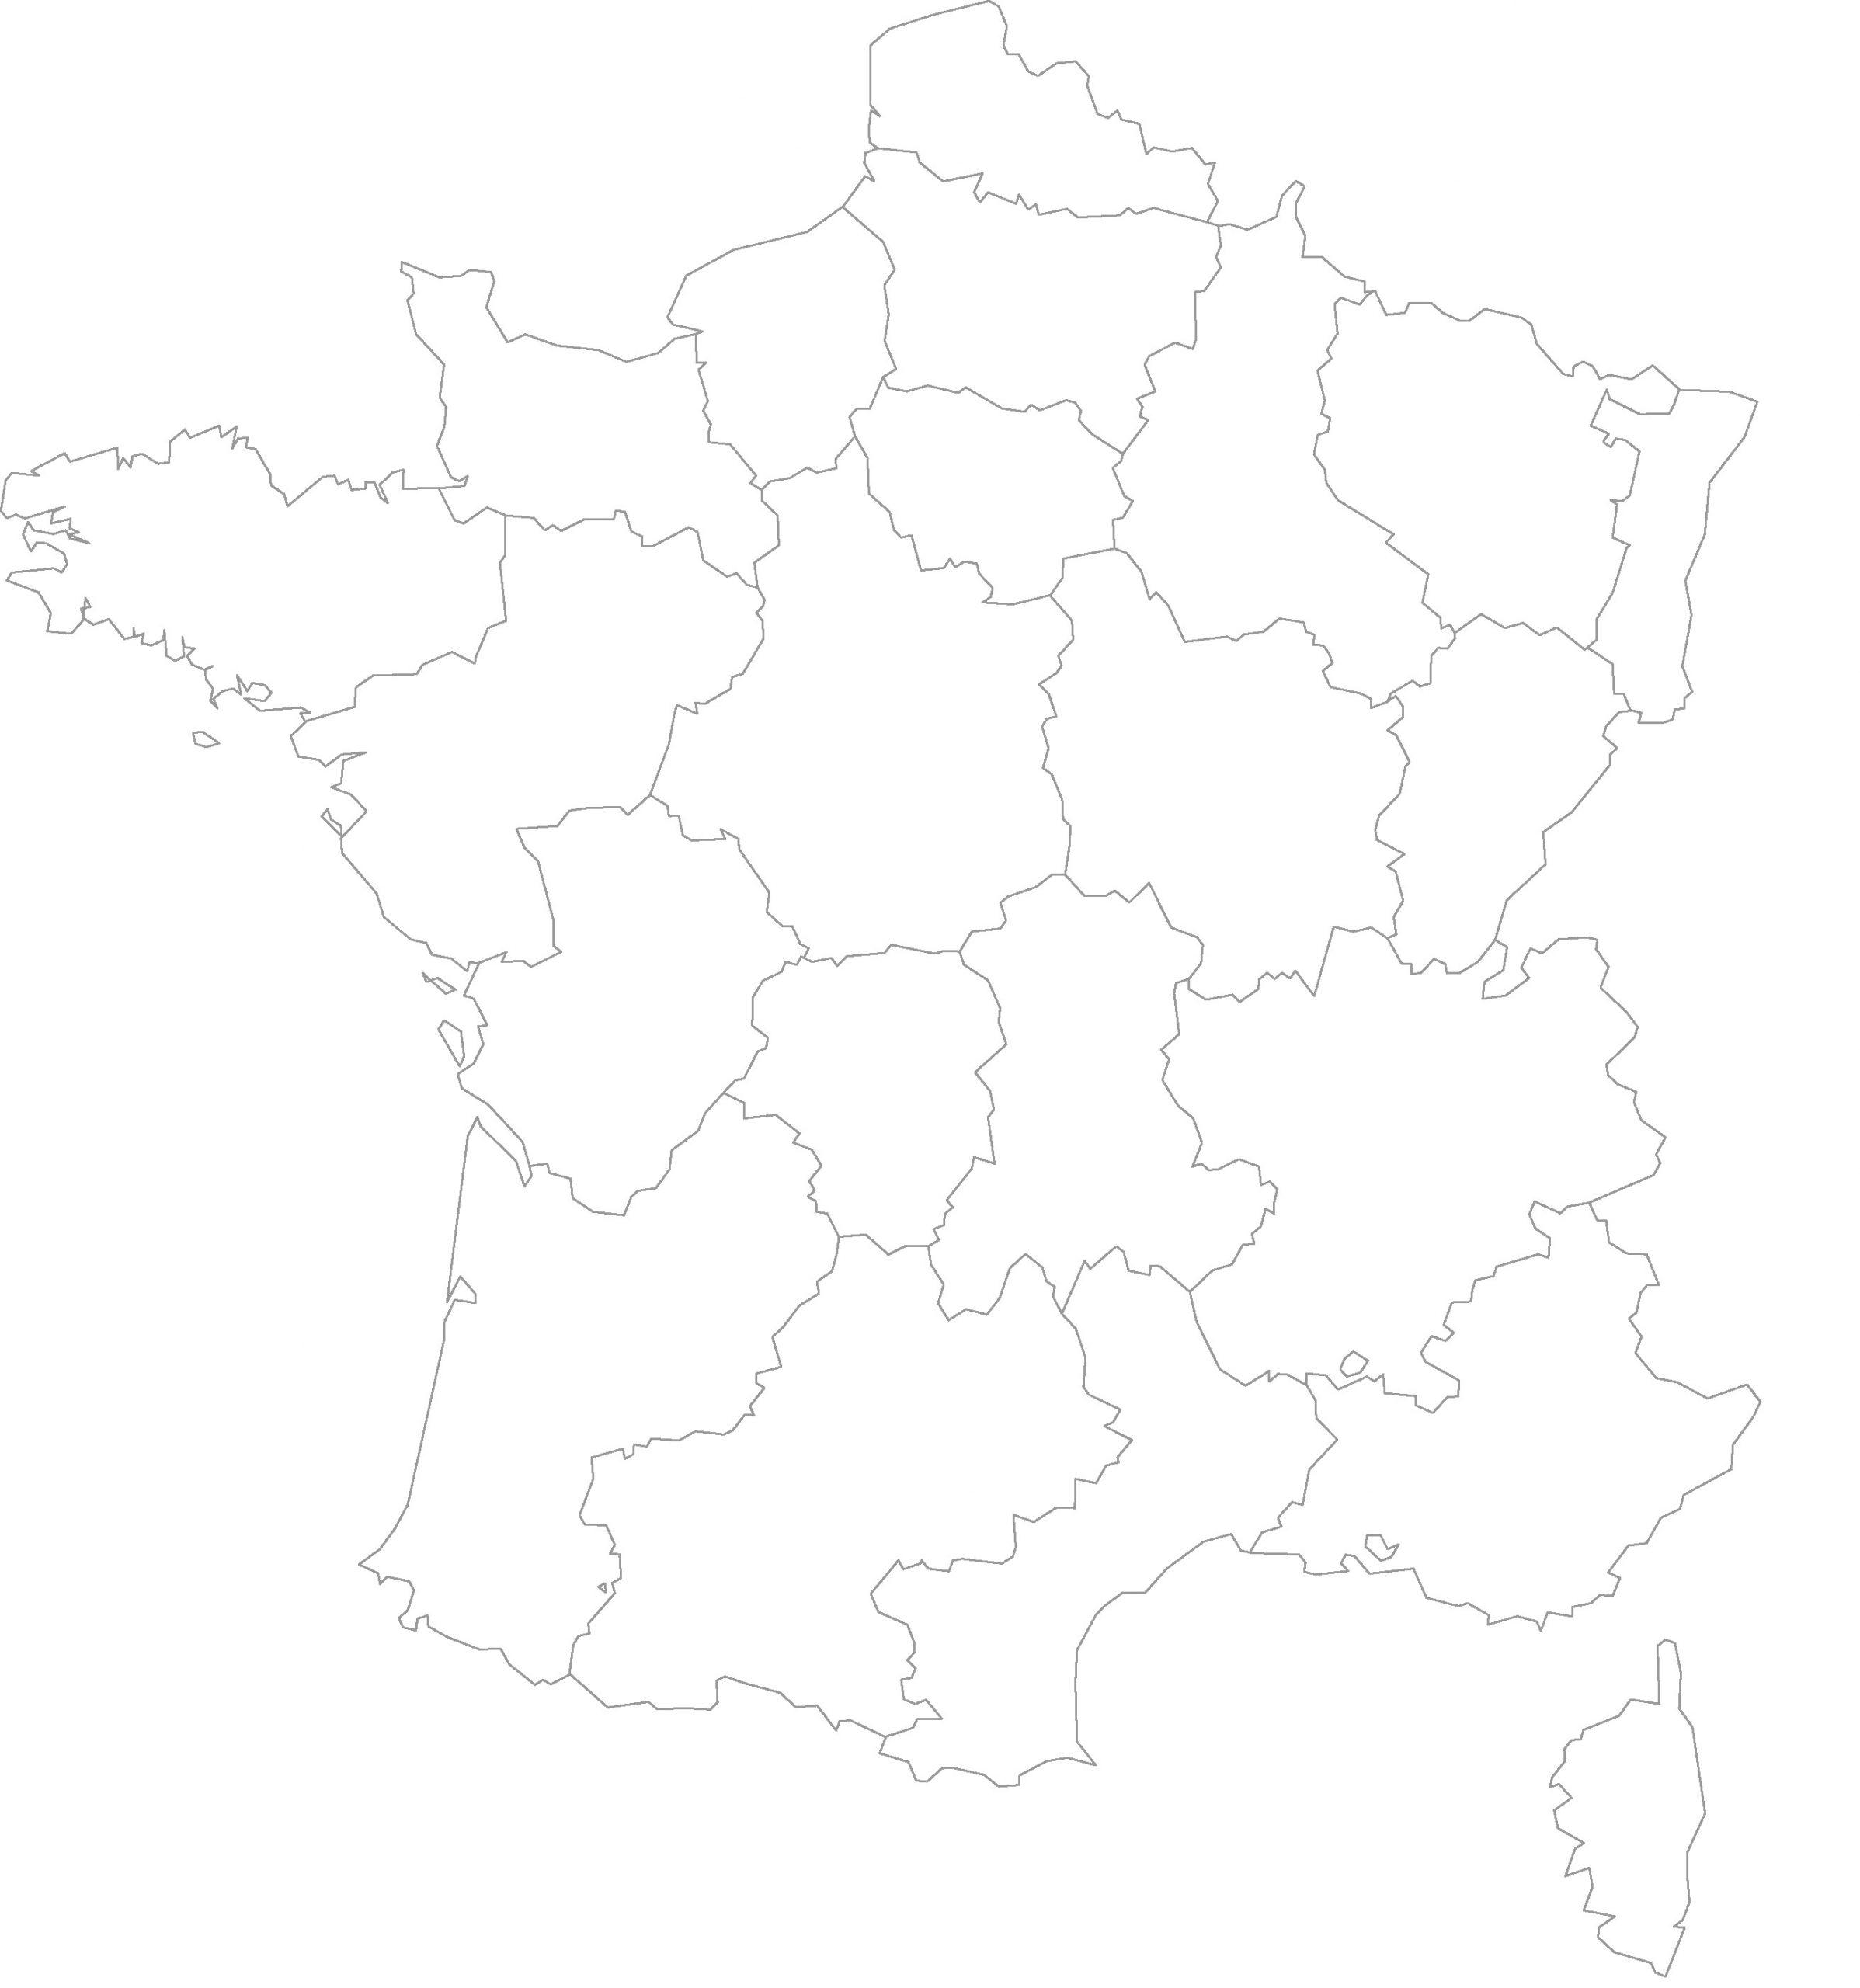 Cartes Muettes De La France À Imprimer - Chroniques à Carte France Vierge Villes